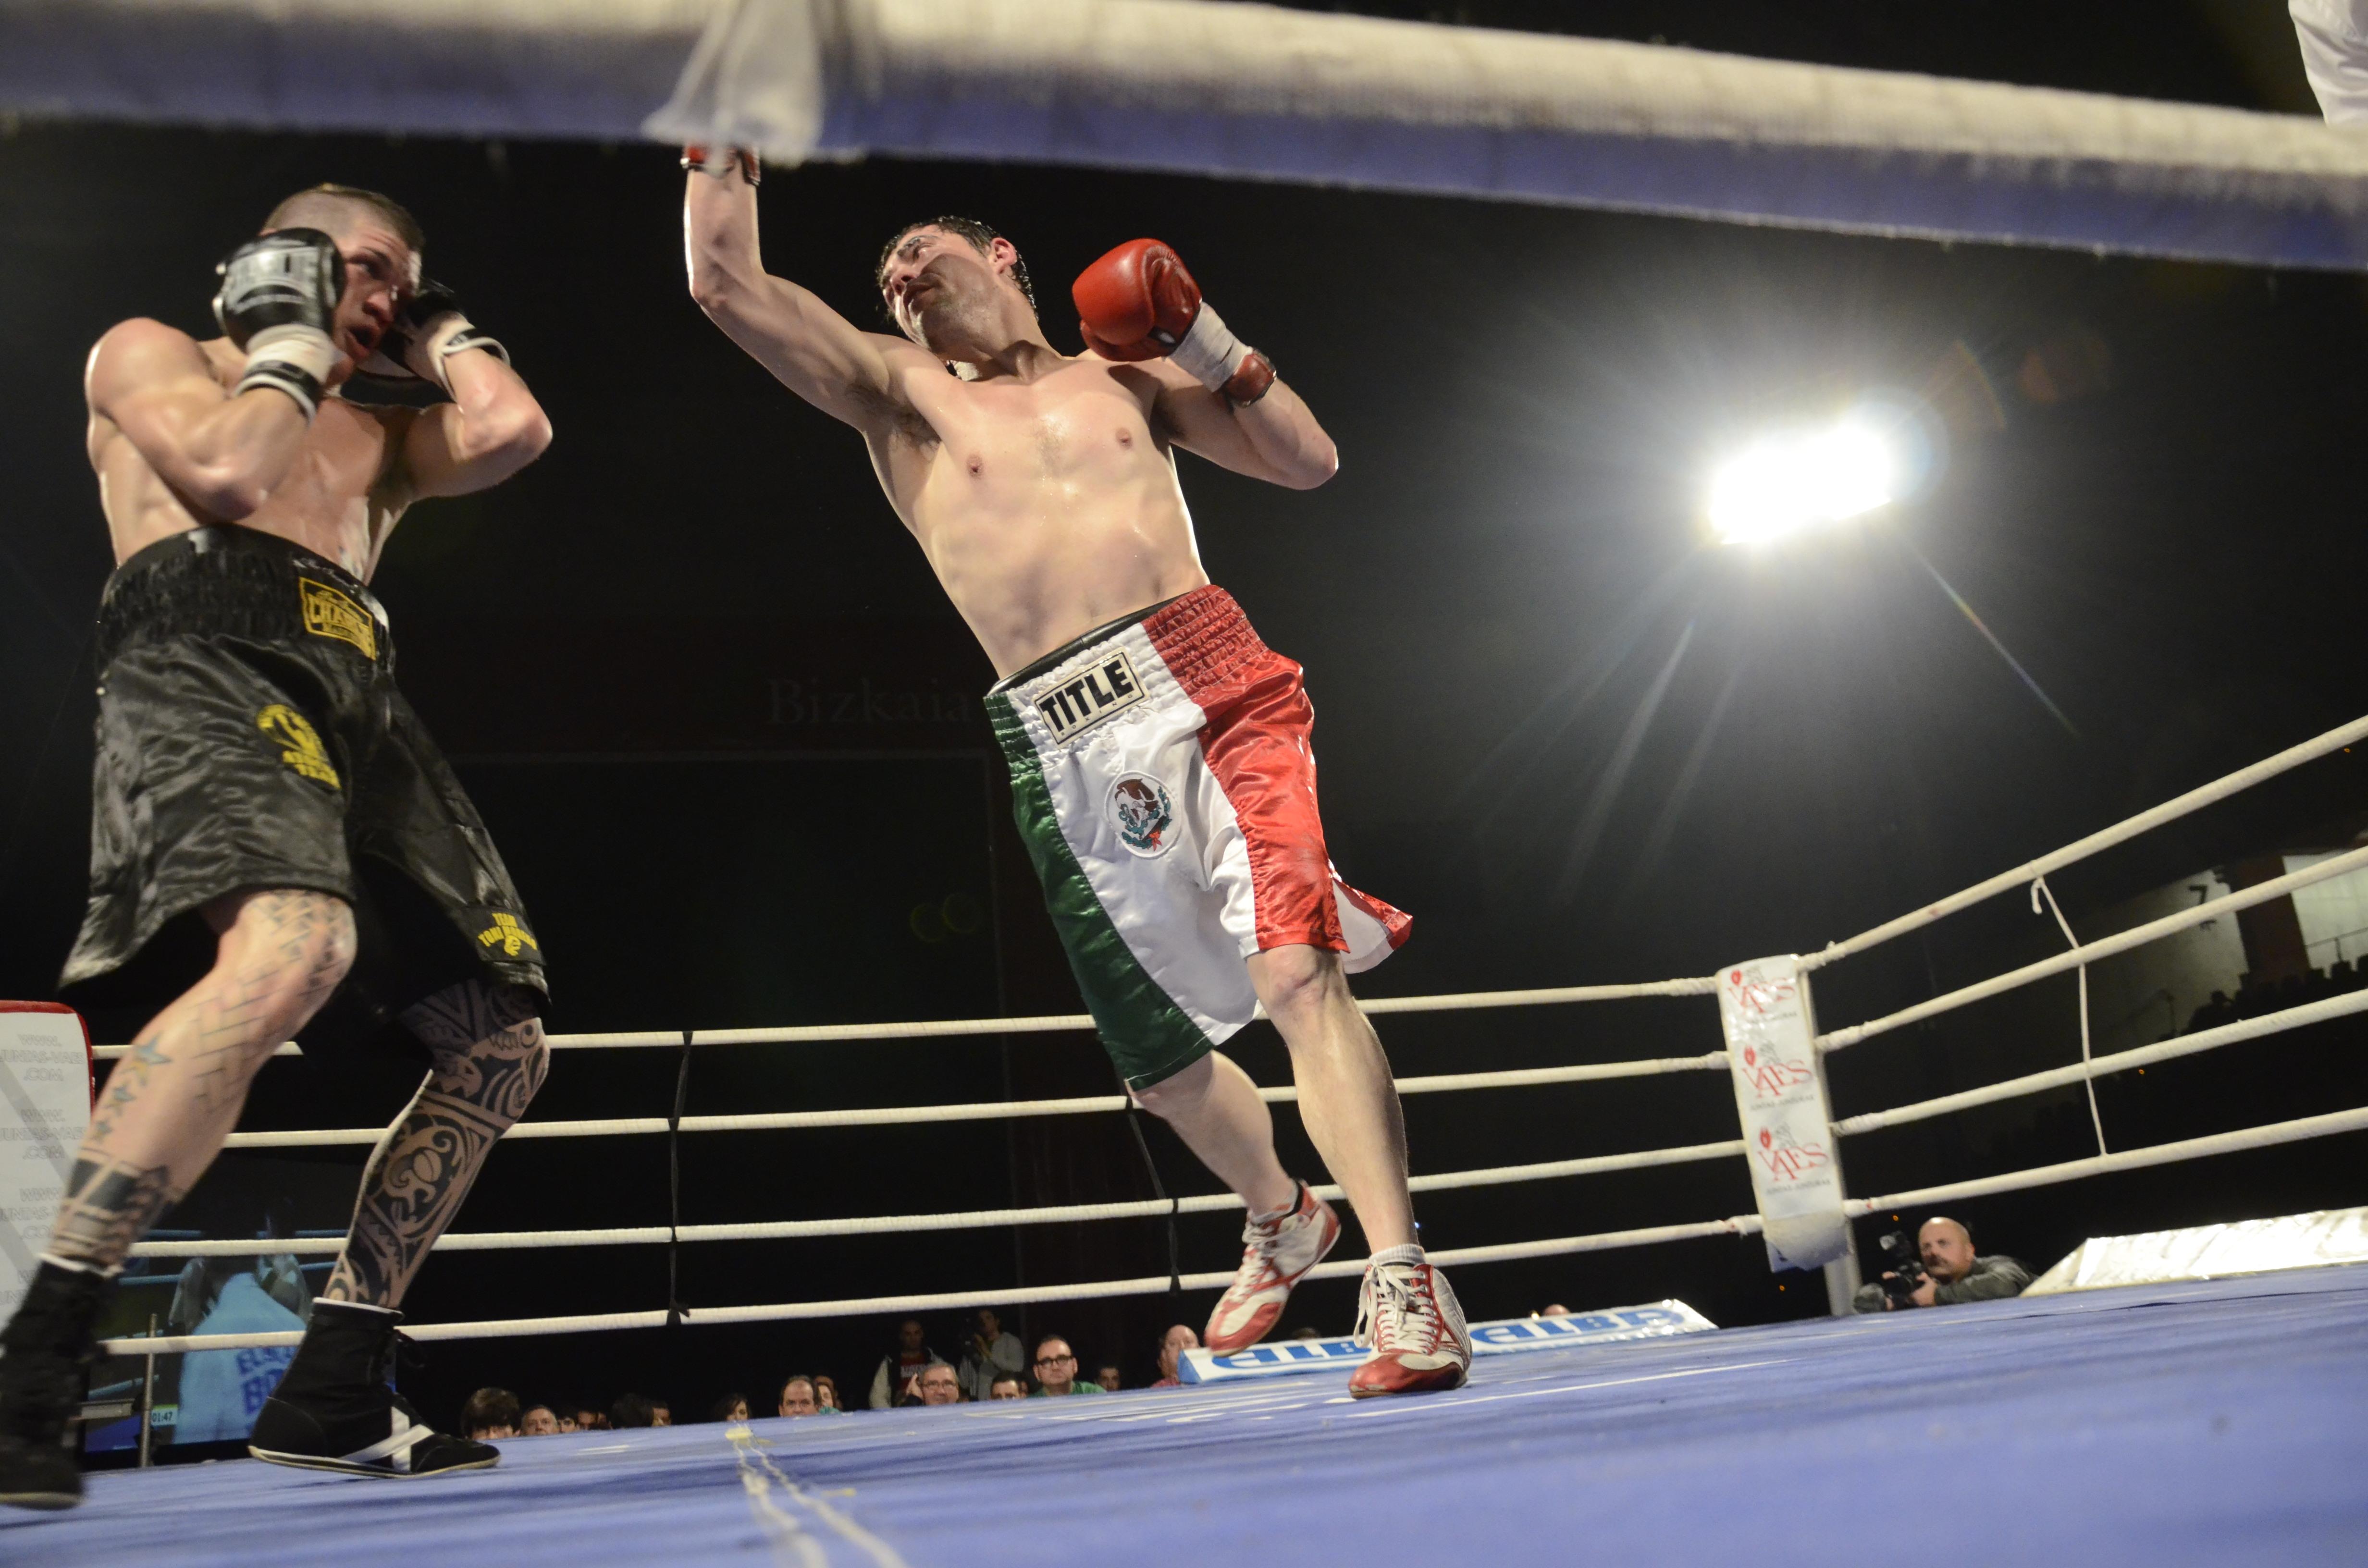 Boxeo profesional: Combate de boxeo entre Andoni Gago e Iván Ruiz, Bilbao